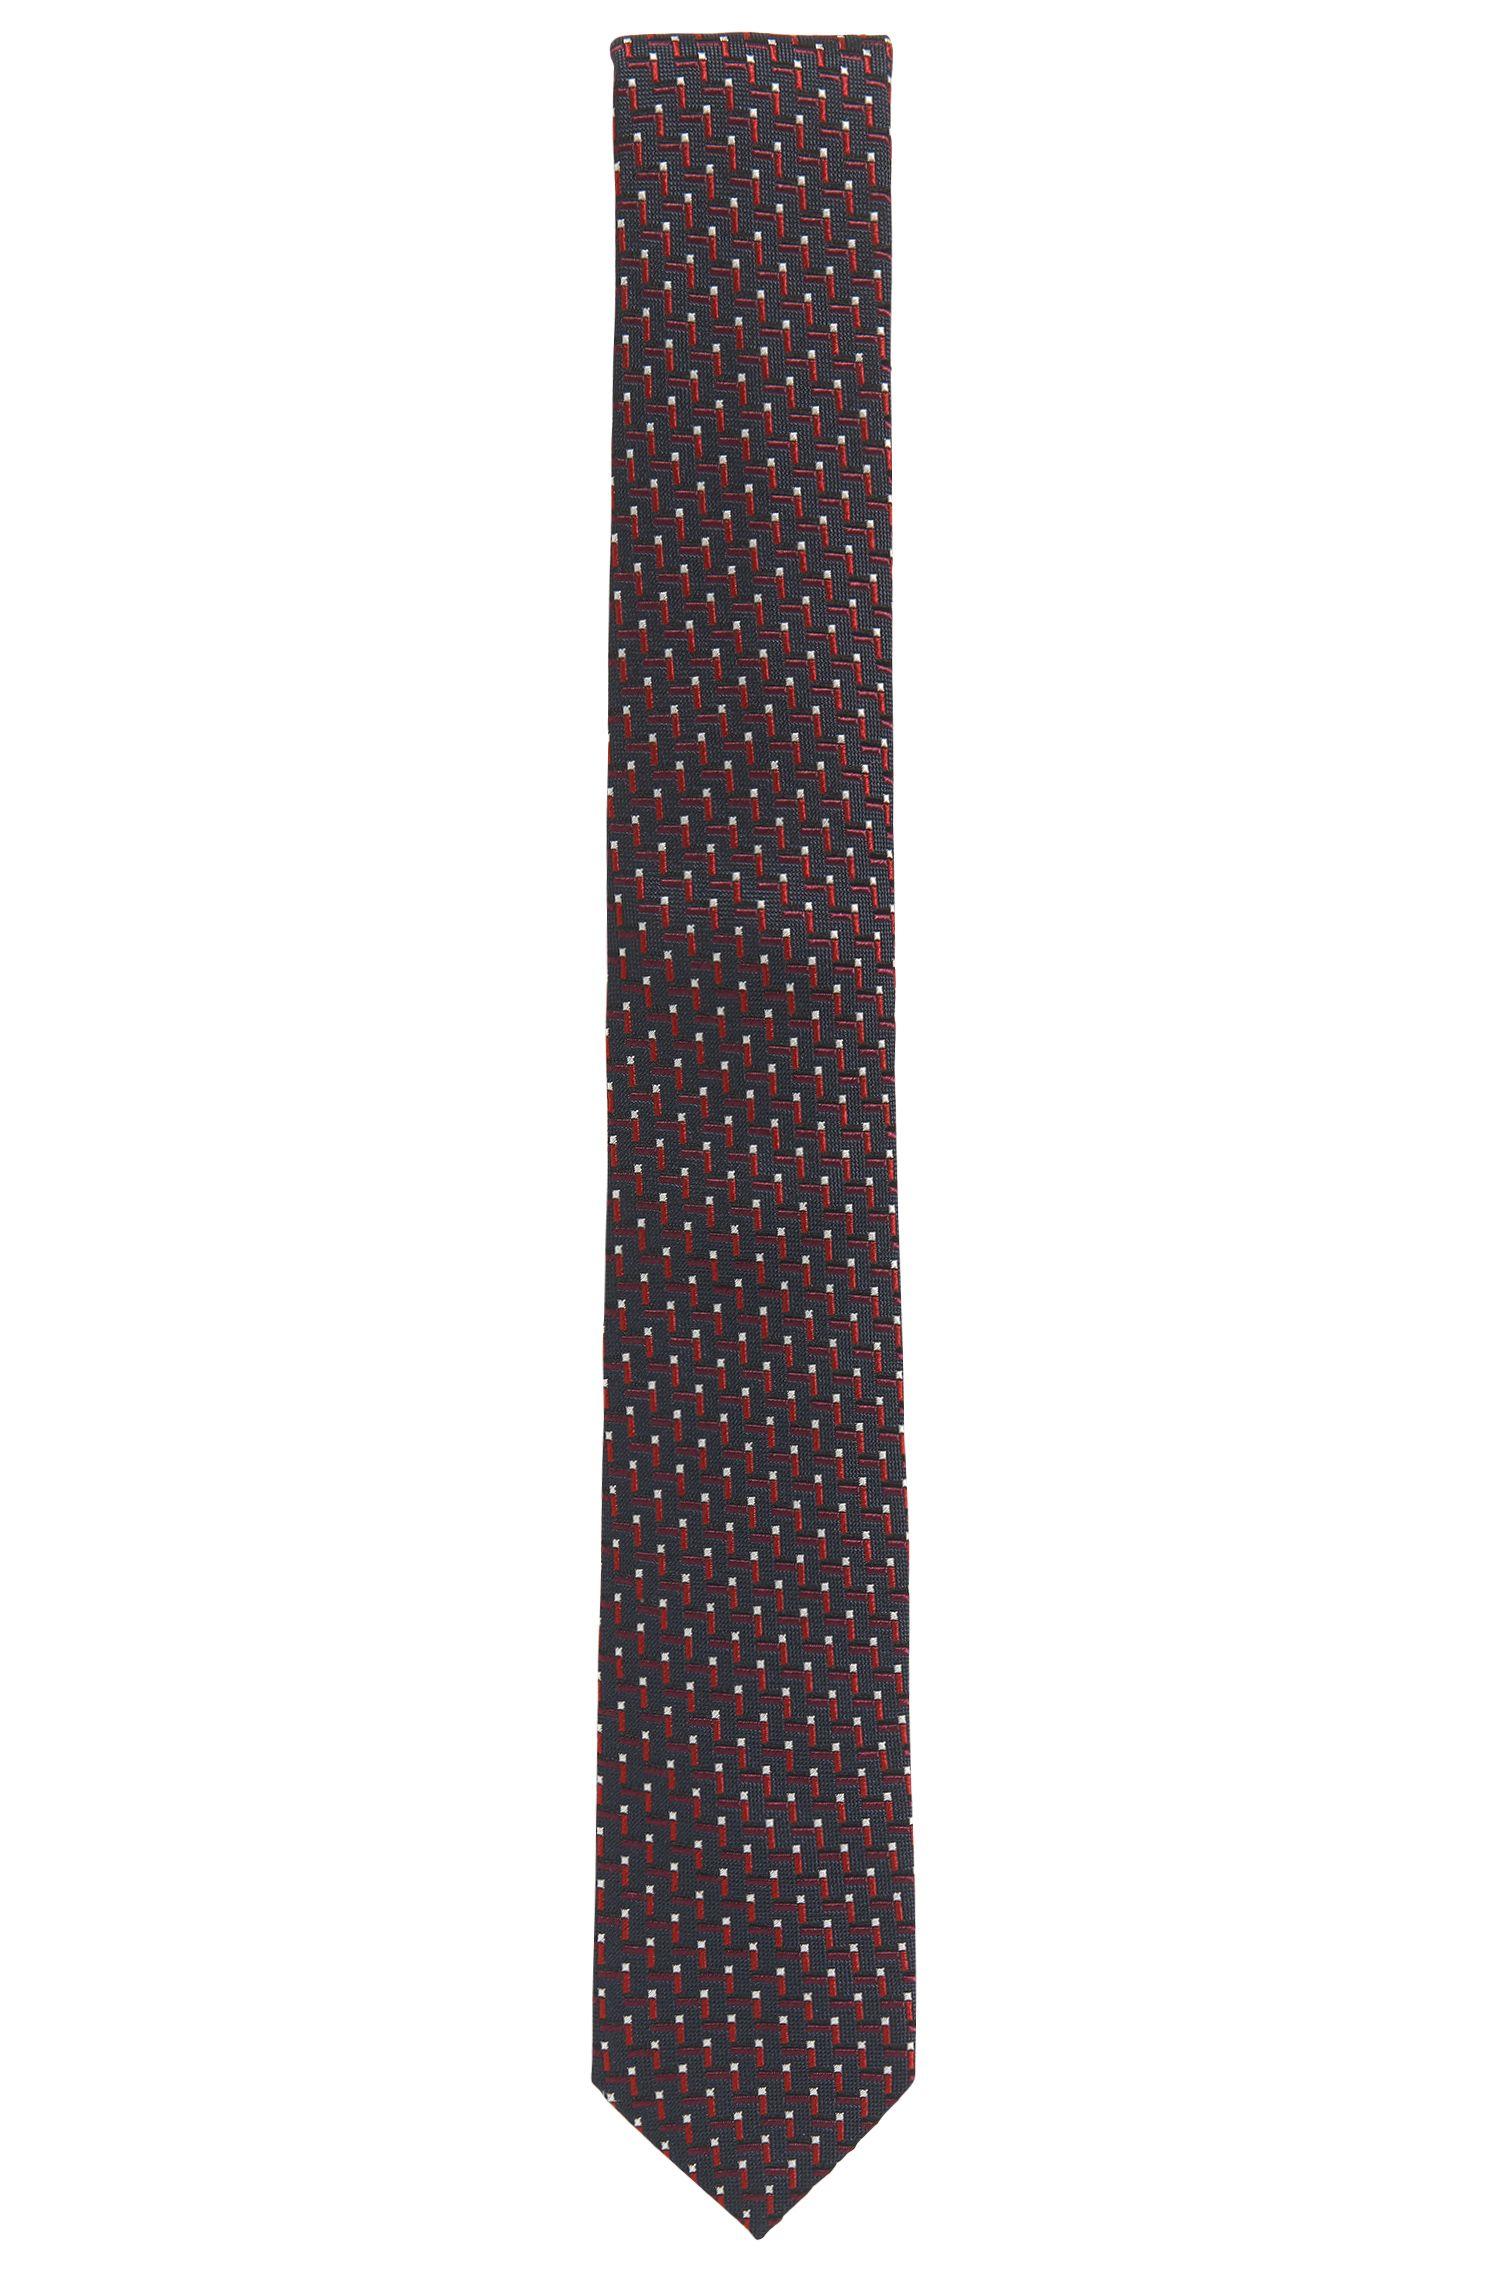 'T-Tie 6 cm' | Slim, Embroidered Silk Tie